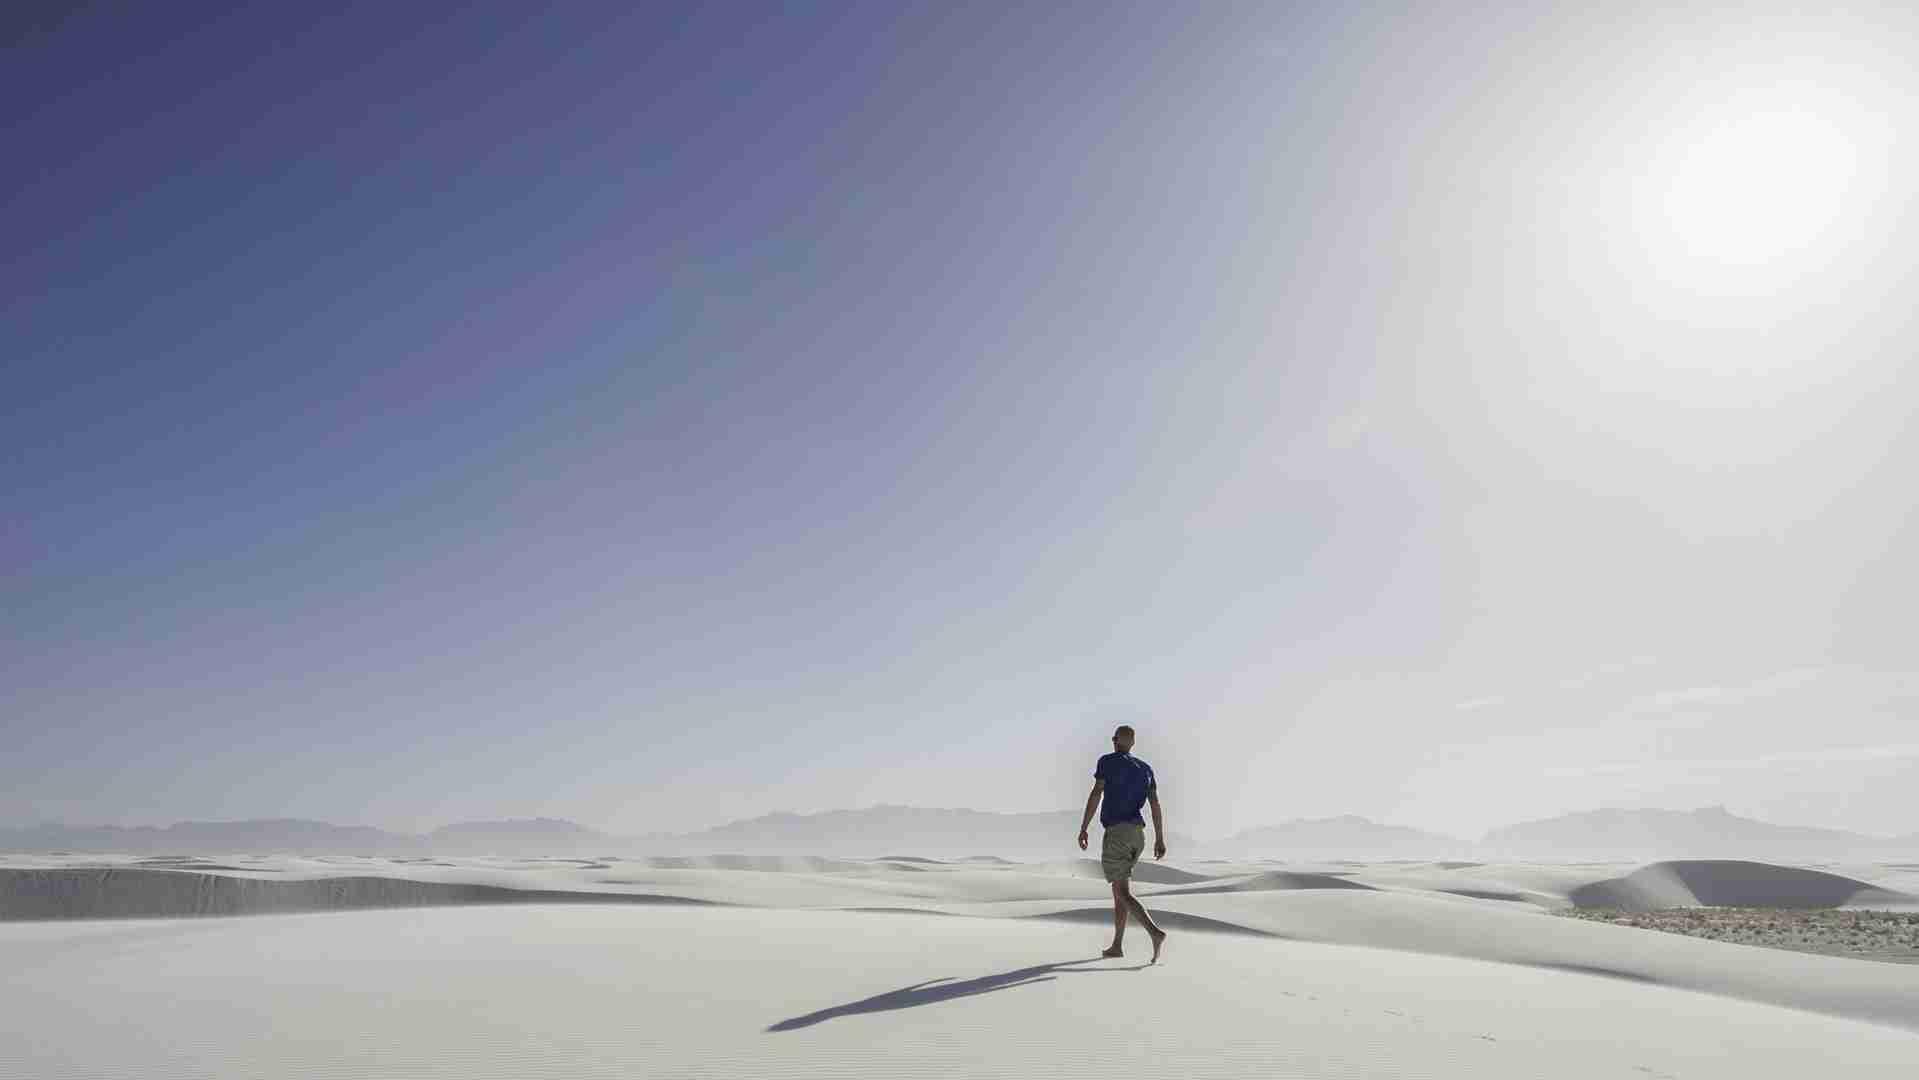 豪雨も猛暑も、地球温暖化が進む限り増え続けるという現実に目を向けよう(江守正多) - 個人 - Yahoo!ニュース